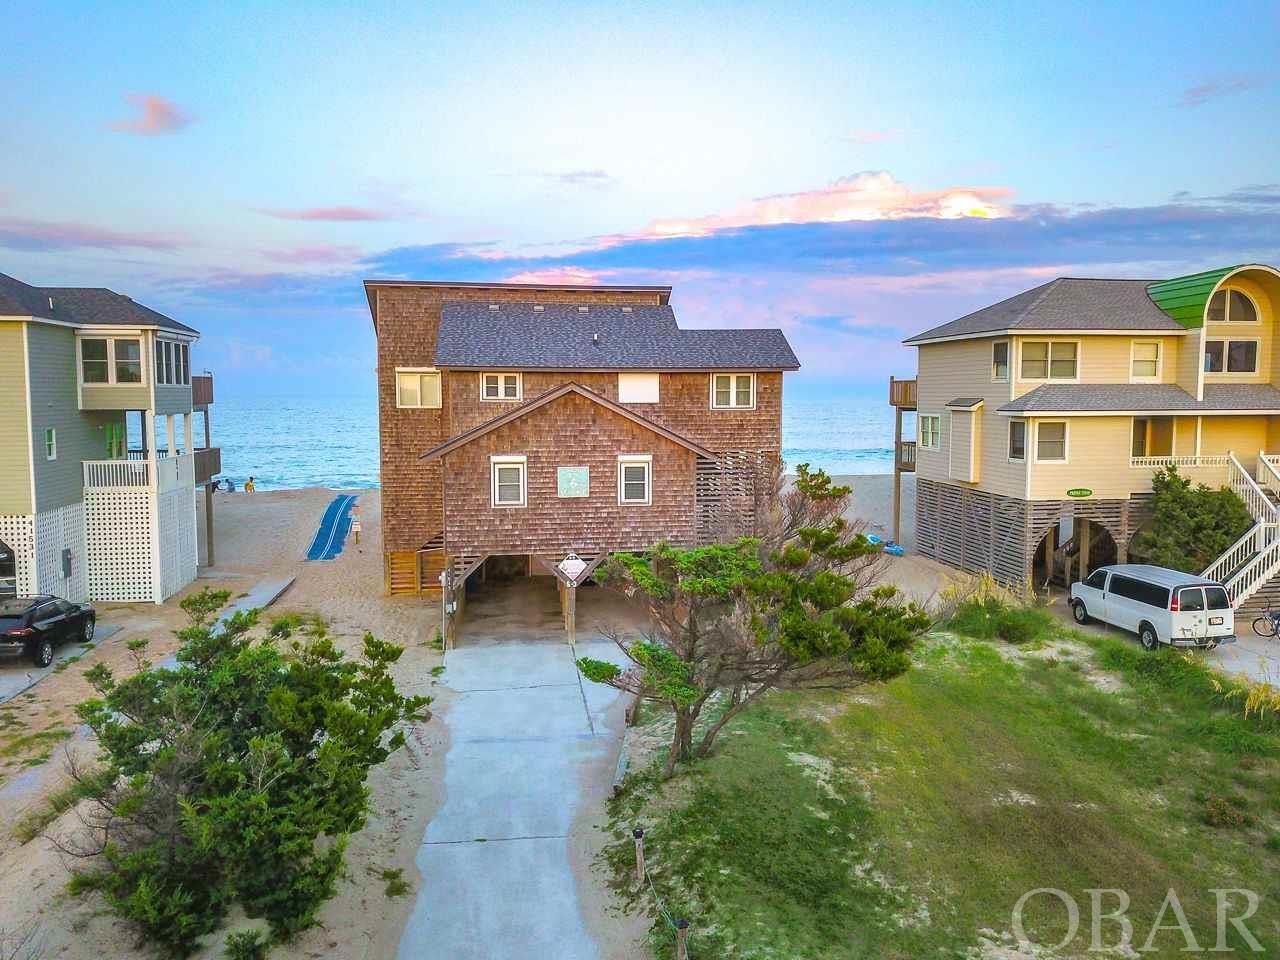 41545 Ocean View Drive Lot 5, Avon, NC 27915